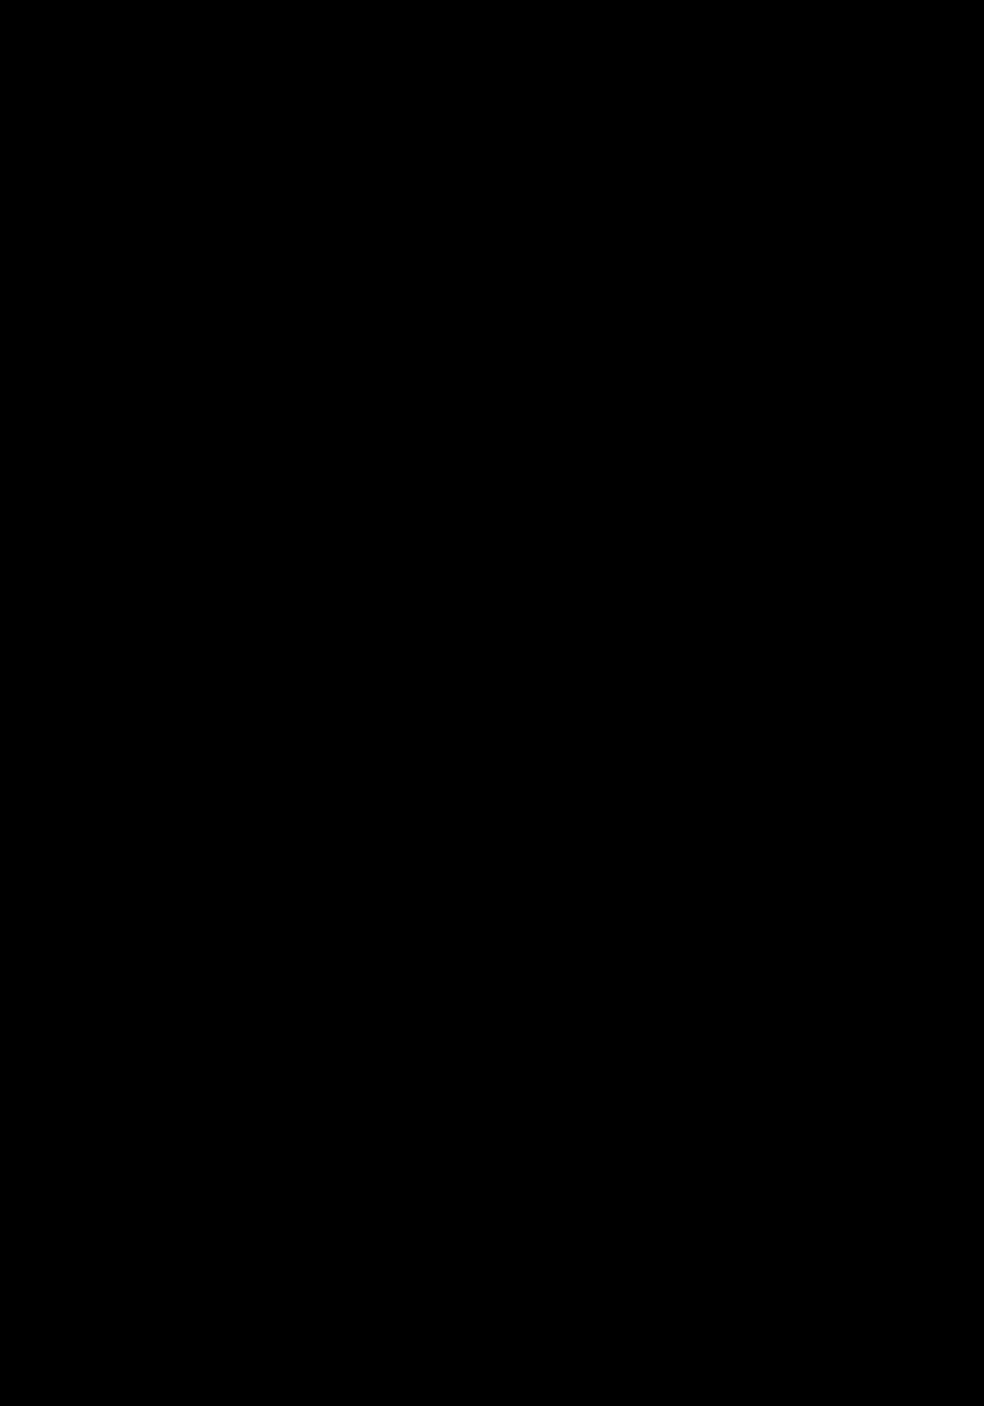 ゴカール H(かな) HGC 縦組見本